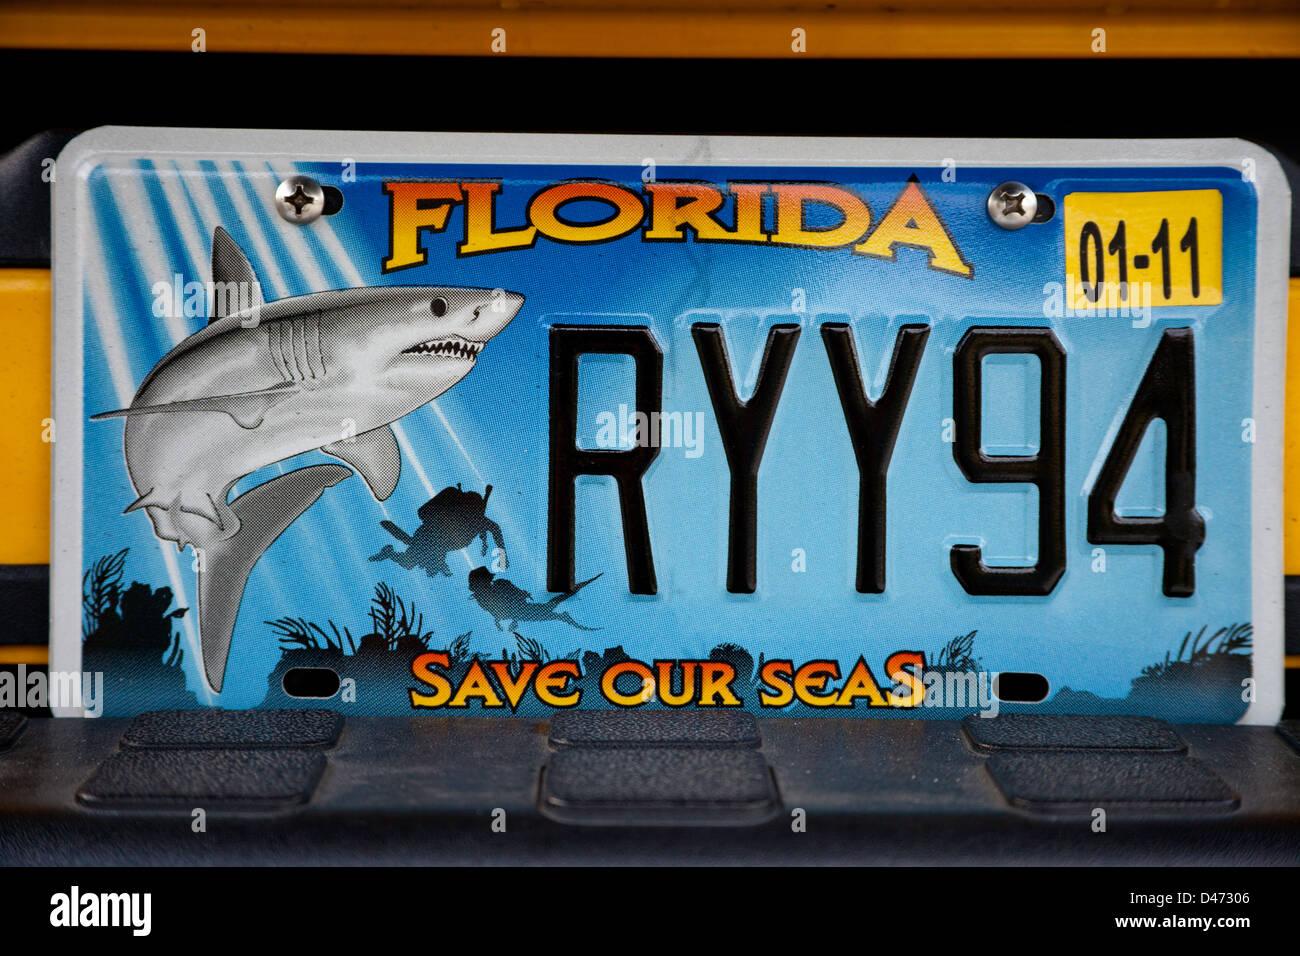 Abgebildet ist ein Hai auf eine benutzerdefinierte Bundesstaat Florida Automobil Nummernschild, Florida, USA. Stockbild